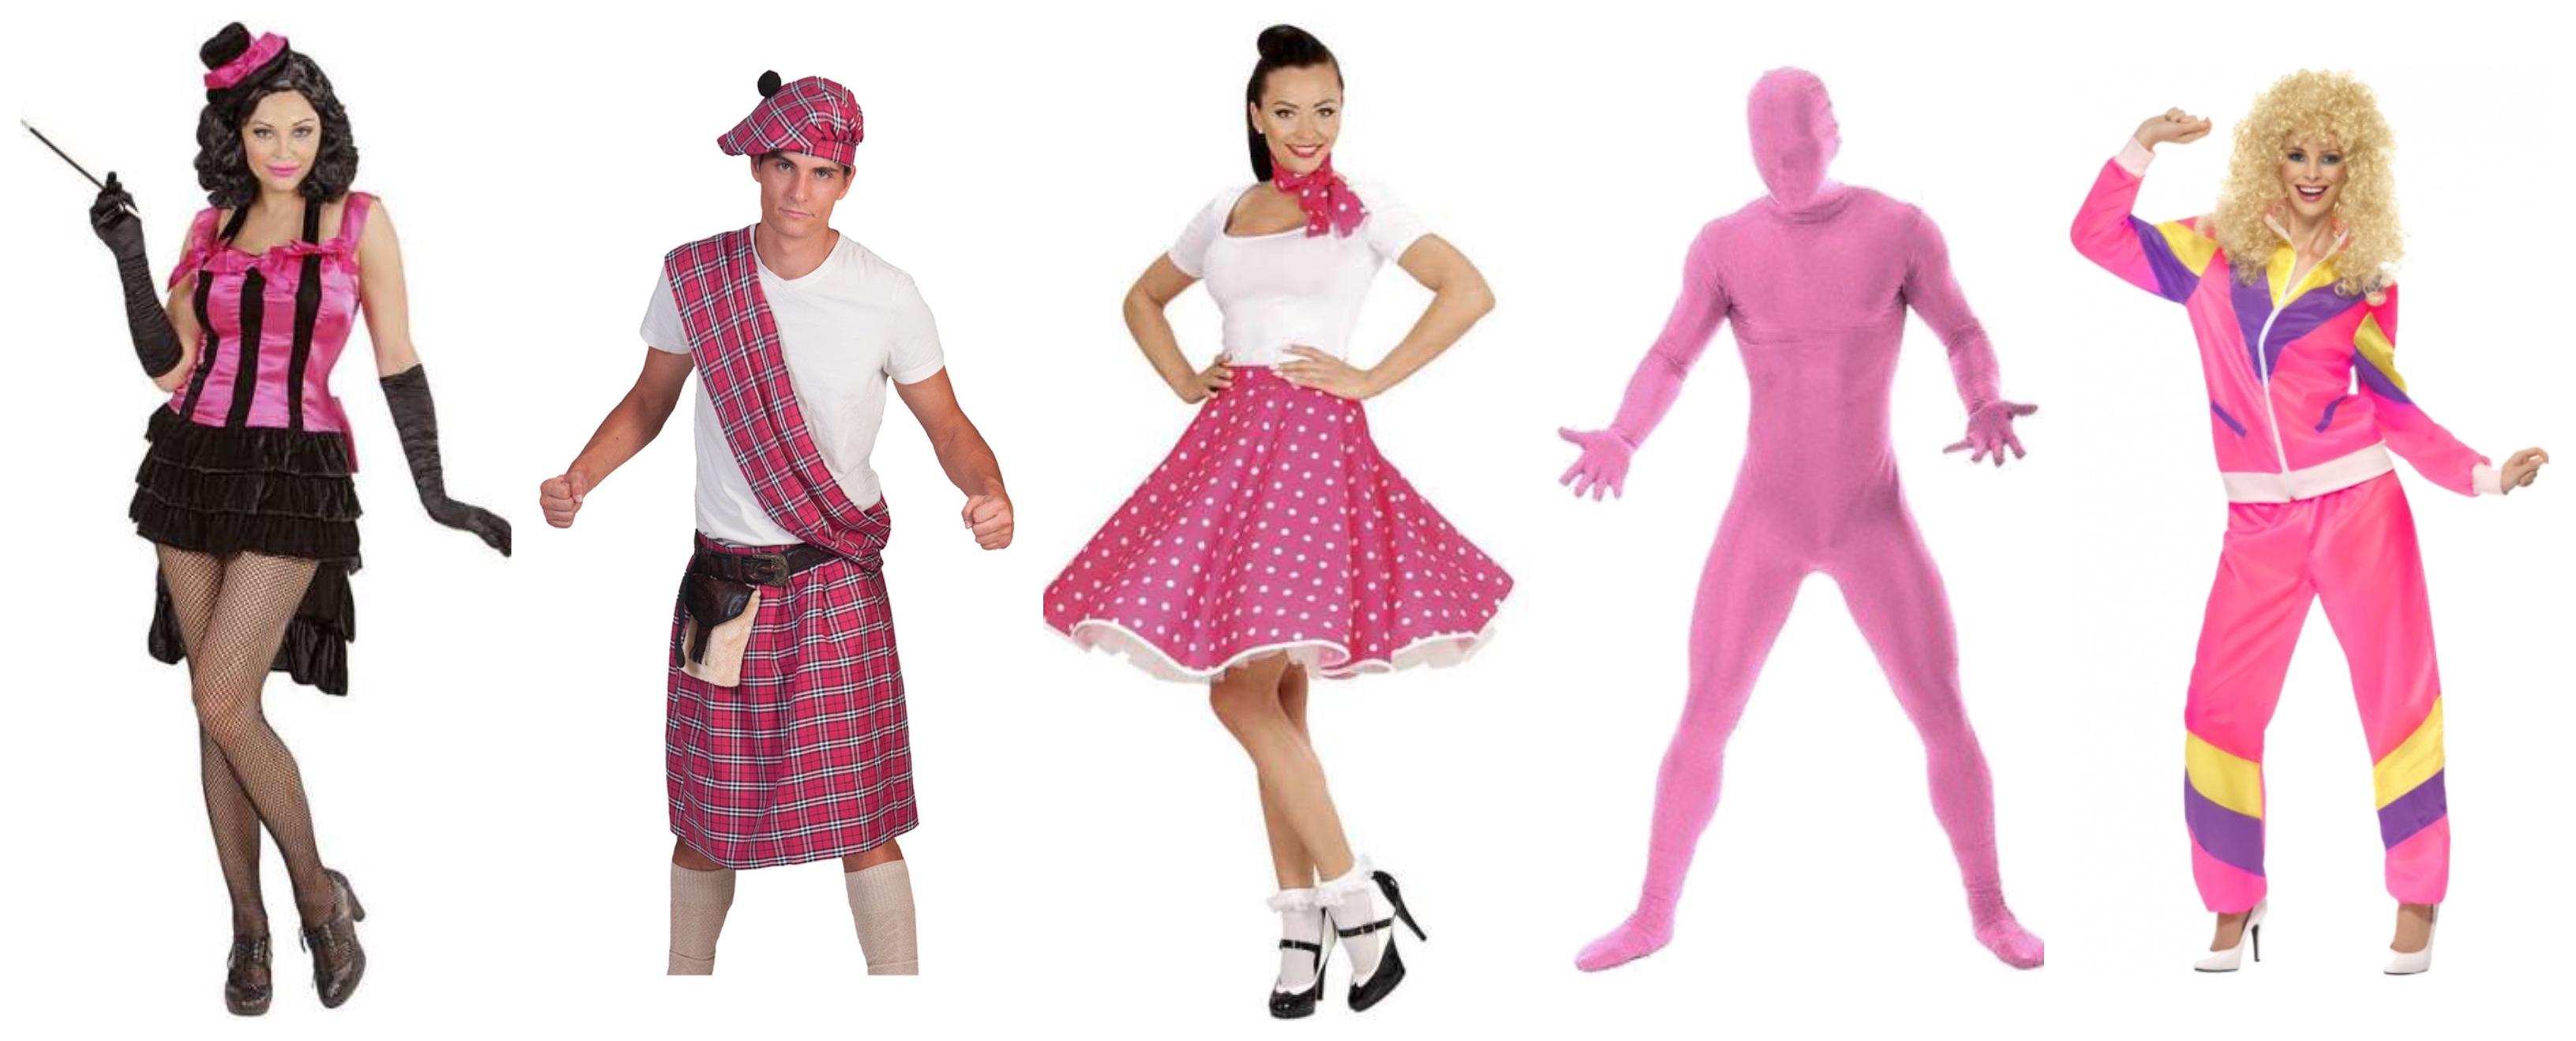 lyserøde kostumer til voksne - Lyserøde/pink kostumer til voksne